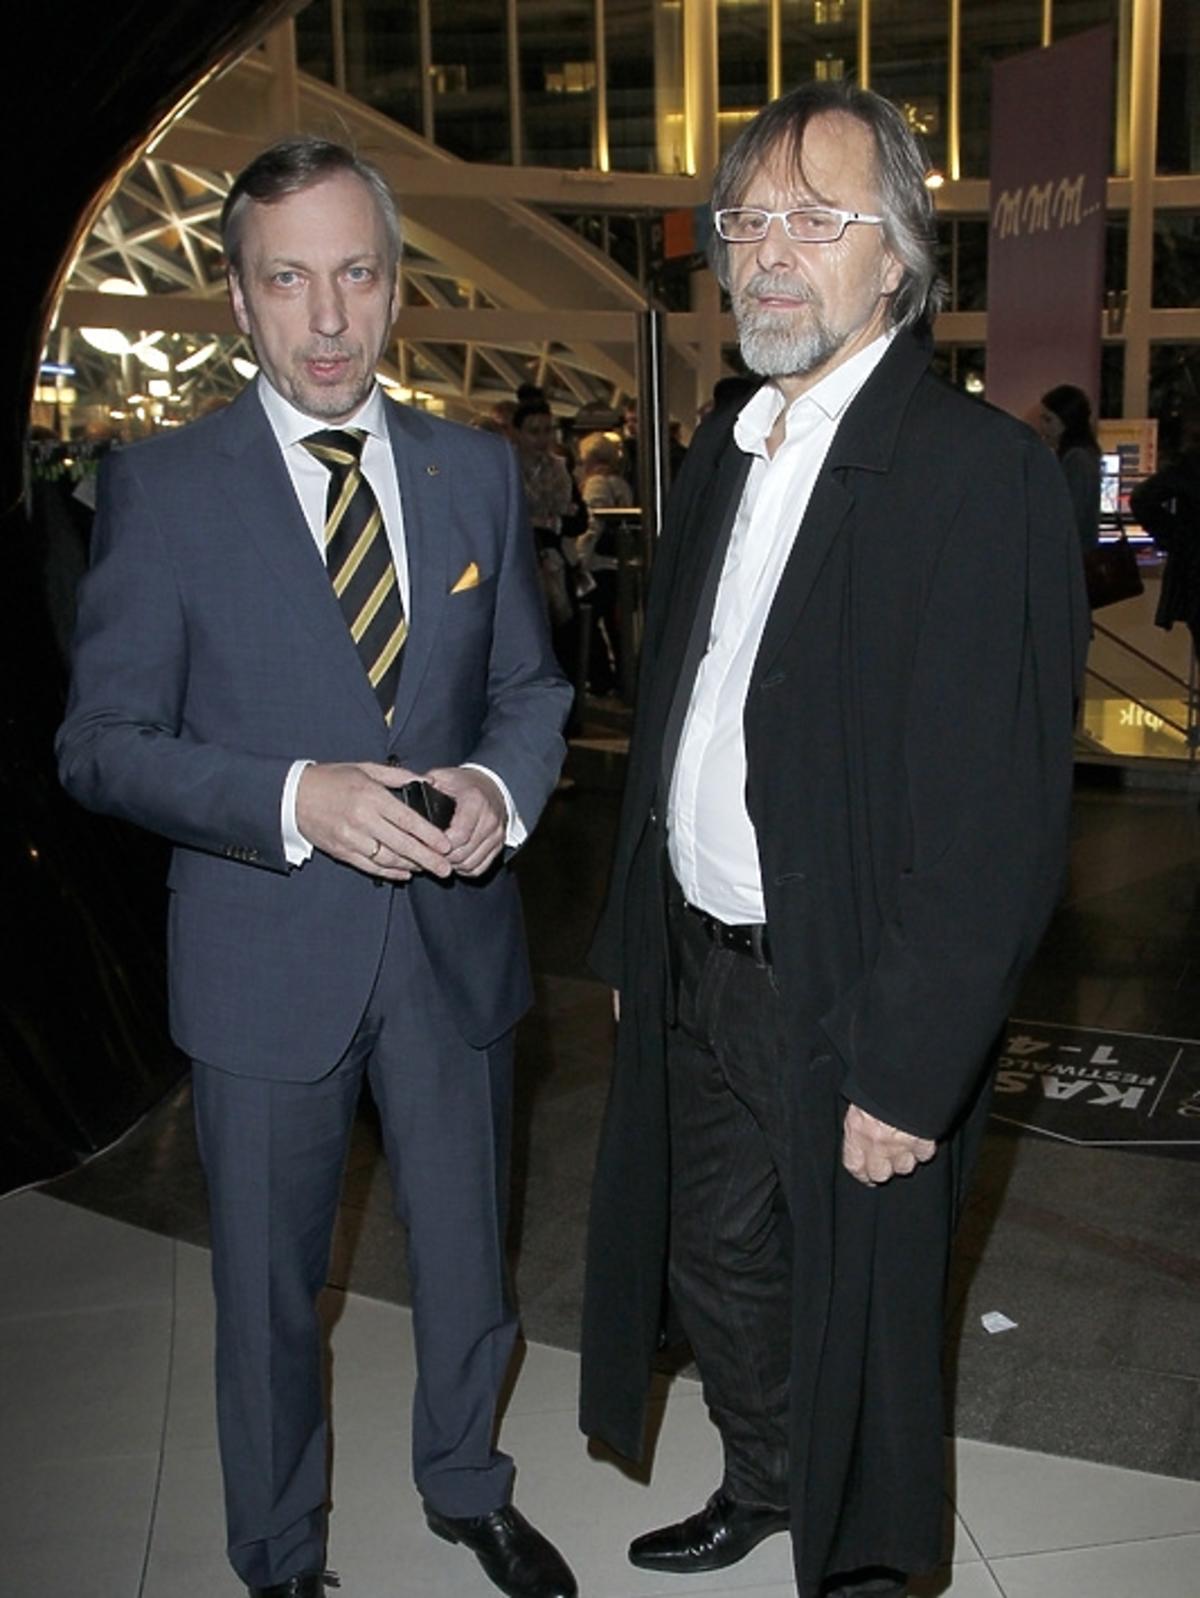 Bogdan Zdrojewski i Jan Kaczmarek na otwarciu Warszawskiego Festiwalu Filmowego